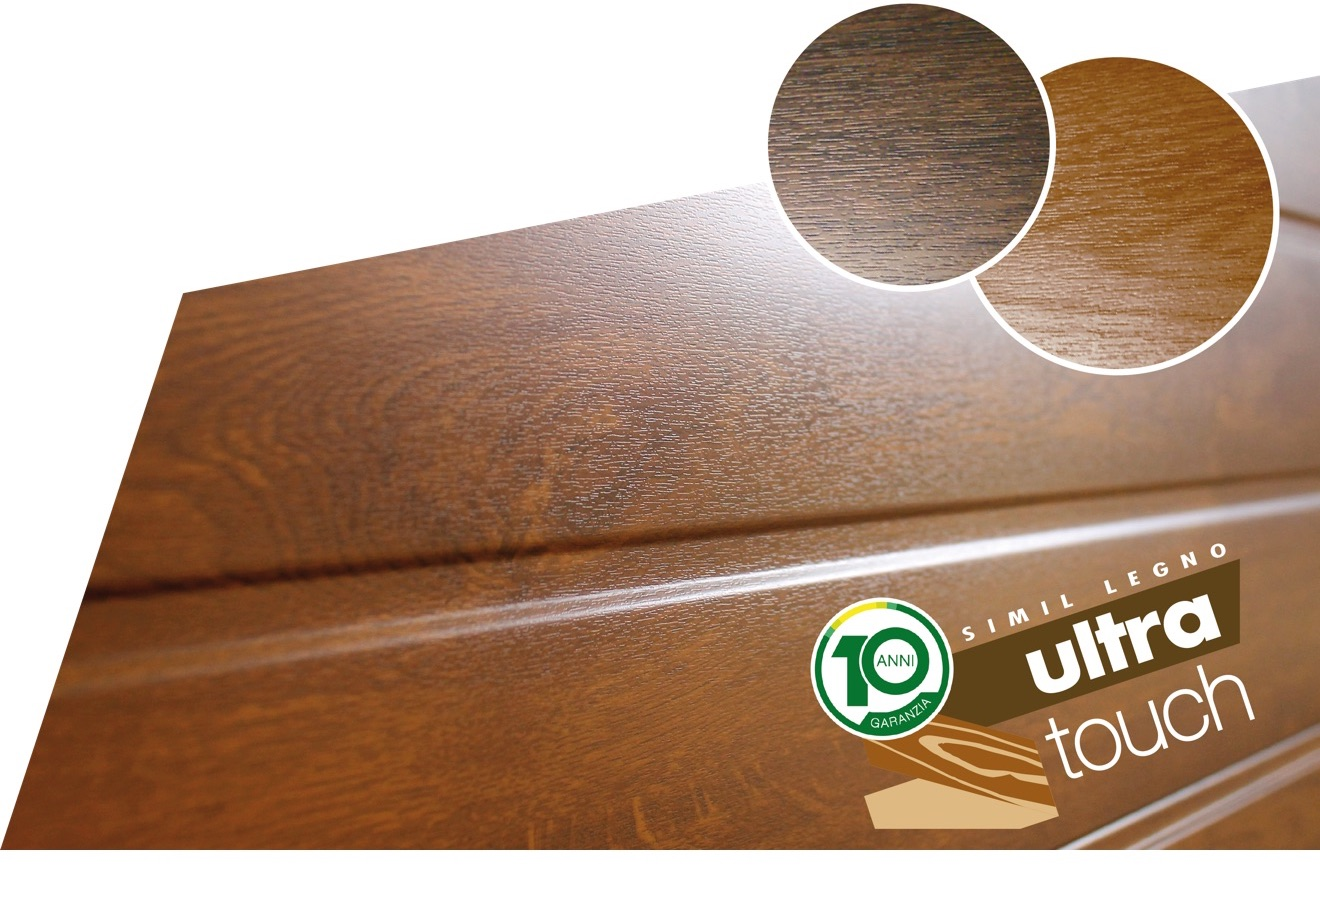 Simil Legno Ultra Touch Breda